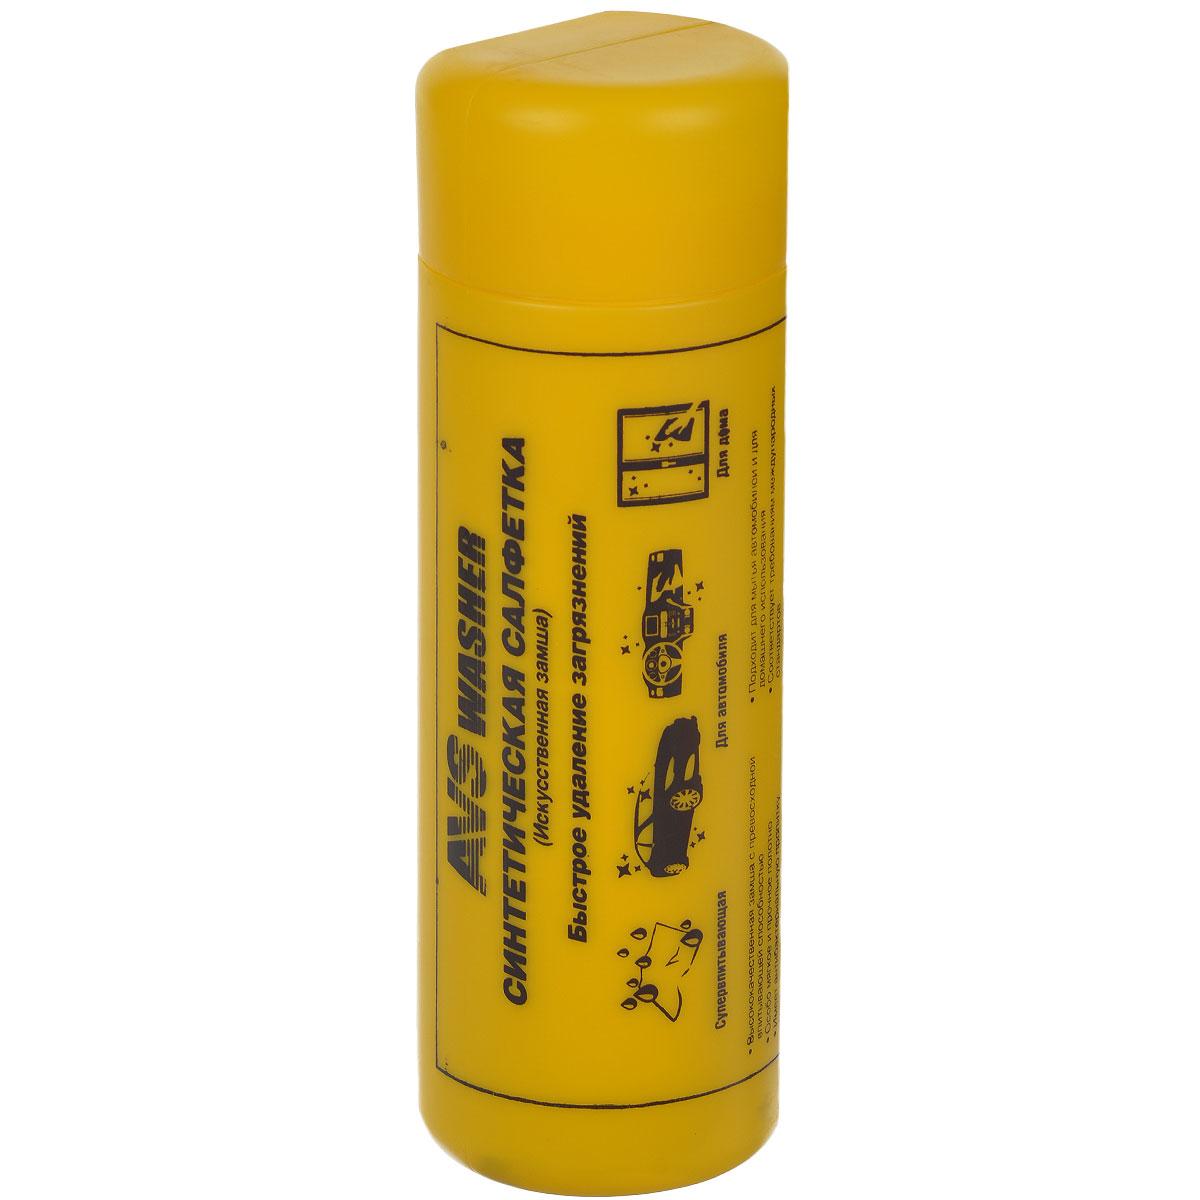 Салфетка синтетическая AVS CH-6443, 64 х 43 см43447Синтетическая салфетка AVS CH-6443 подходит для мытья автомобиля и для домашнего использования. Она выполнена из искусственной замши. Соответствует требованиям международных стандартов.Особенности:Высококачественная замша с превосходной впитывающей способностью.Особо мягкое и прочное полотно.Имеет антибактериальную пропитку.Идеально моет, чистит, полностью высушивает.Легко очищает въевшиеся загрязнения без применения химических очистителей.Устойчива к воздействию масла, топлива, очищающих жидкостей.Обеспечивает чистую, сухую, блестящую поверхность без разводов и ворсинок.